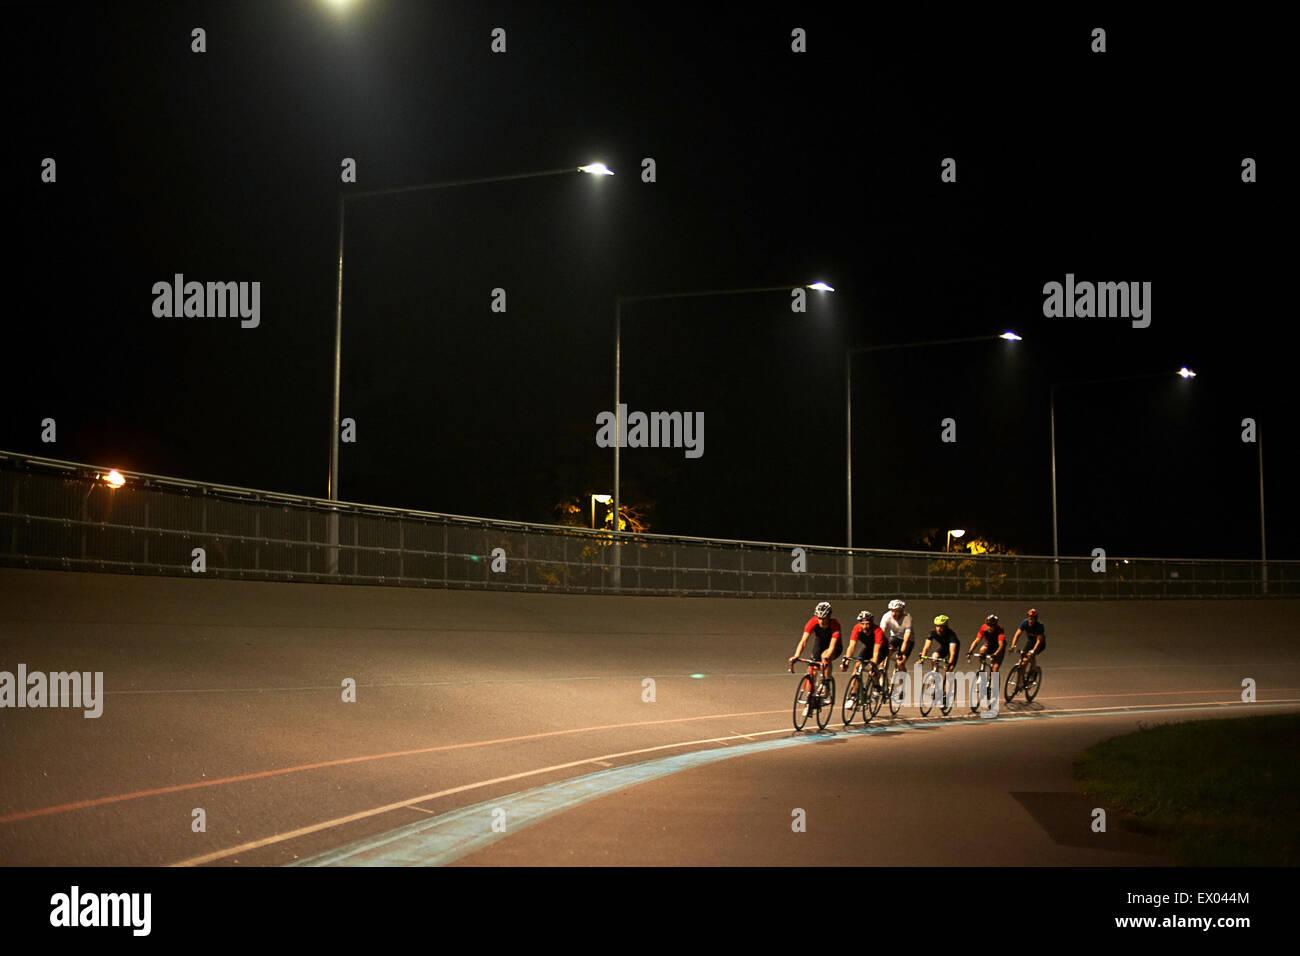 Los ciclistas ciclismo en pista en el velódromo, exteriores Imagen De Stock